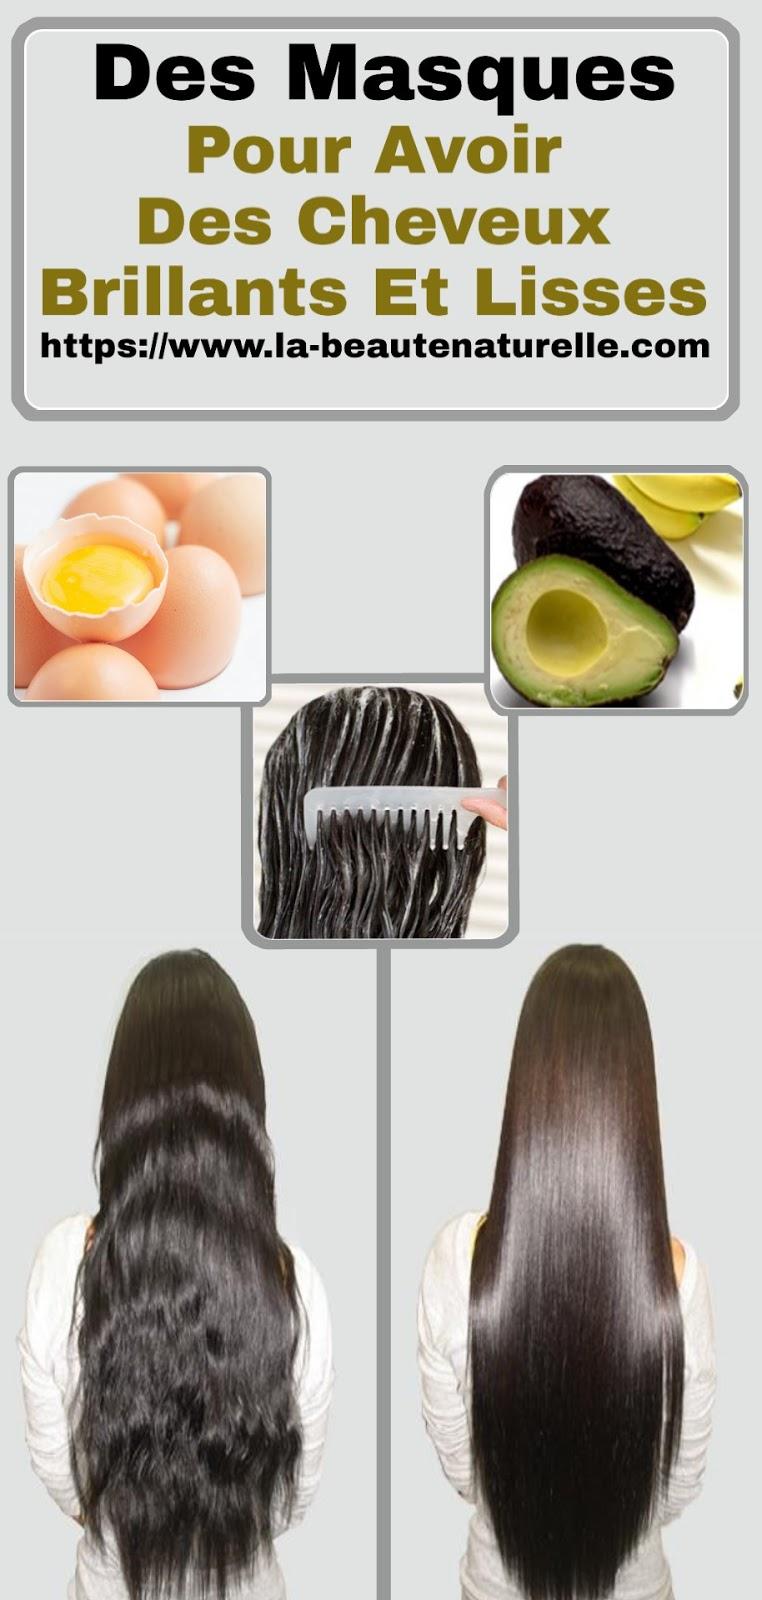 Des Masques Pour Avoir Des Cheveux Brillants Et Lisses